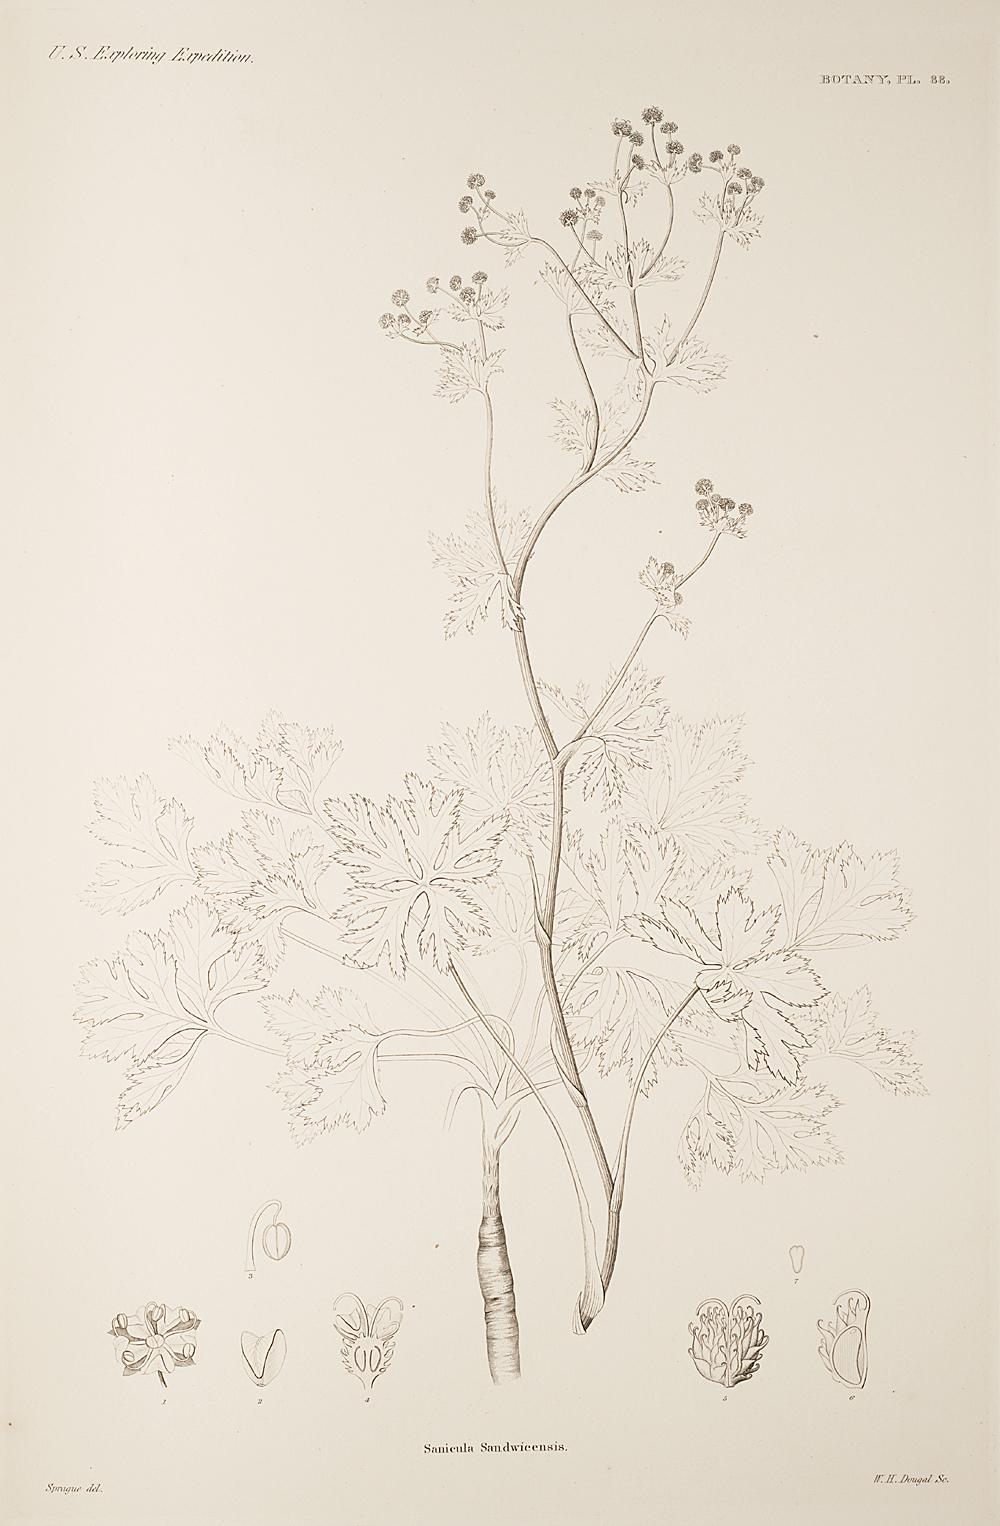 Botany, Pl. 88,  Image number:sil19-23-187b